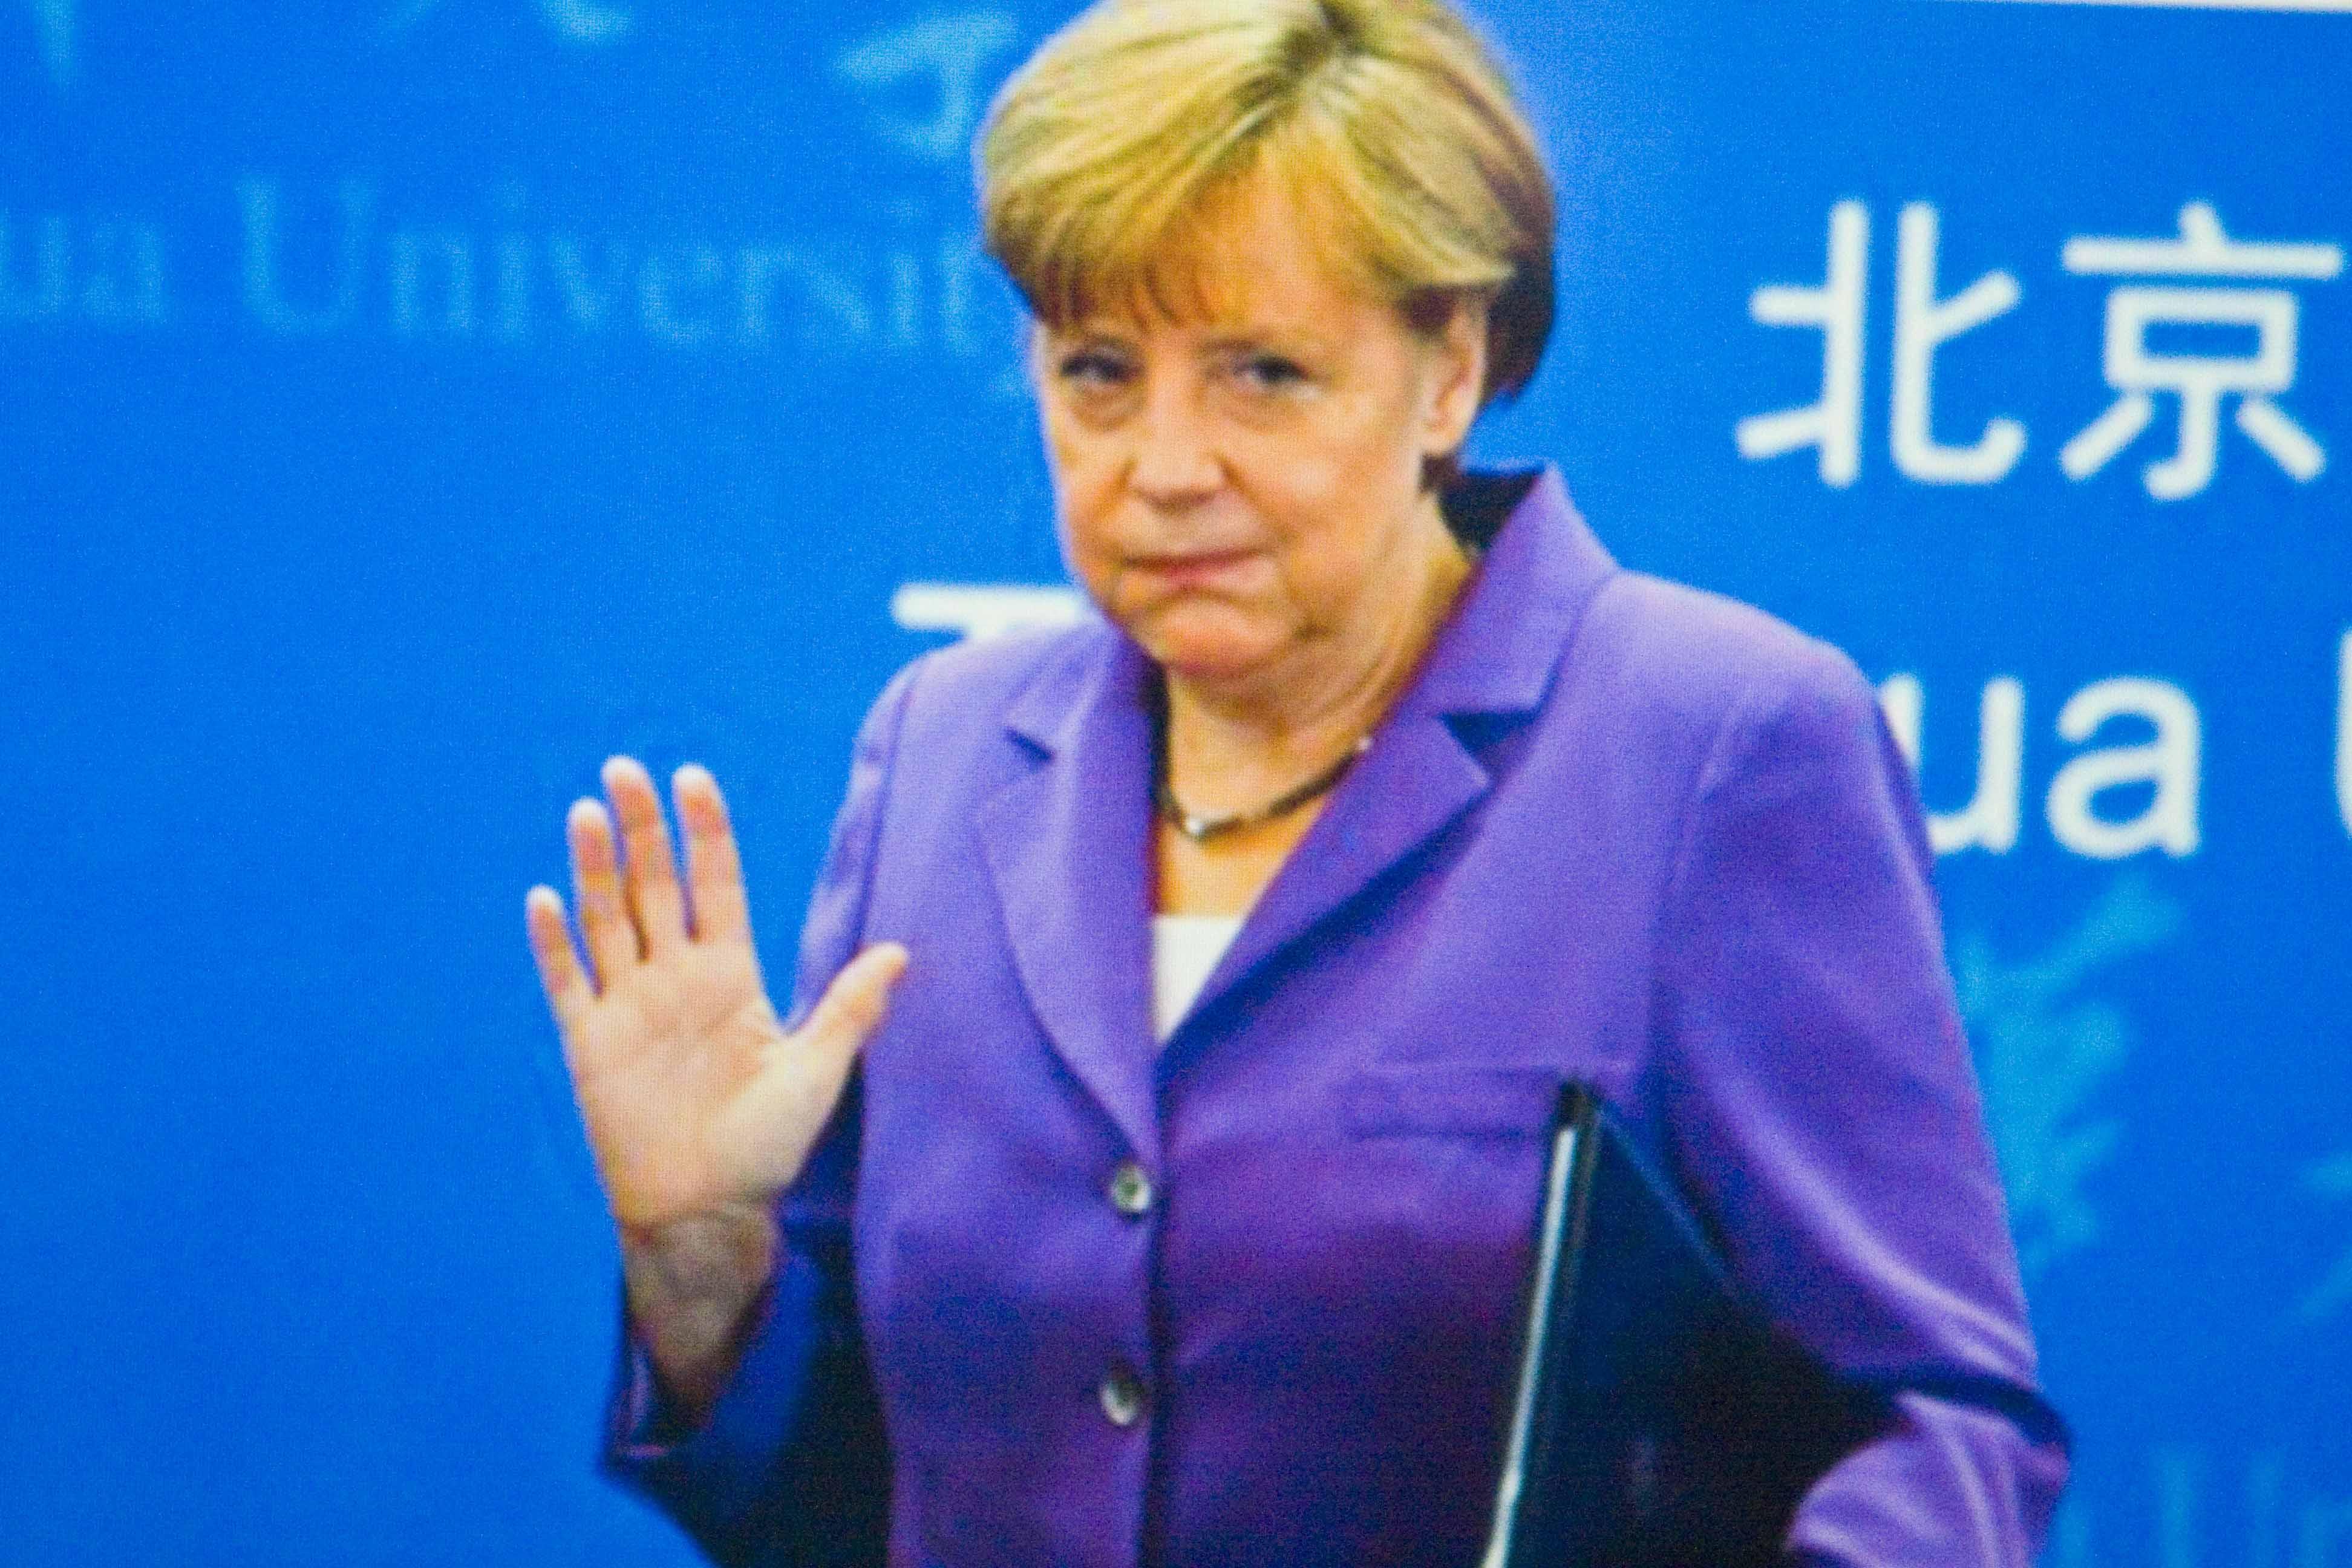 德總理臨別贈言「民主人權說」中國領導聽傻眼